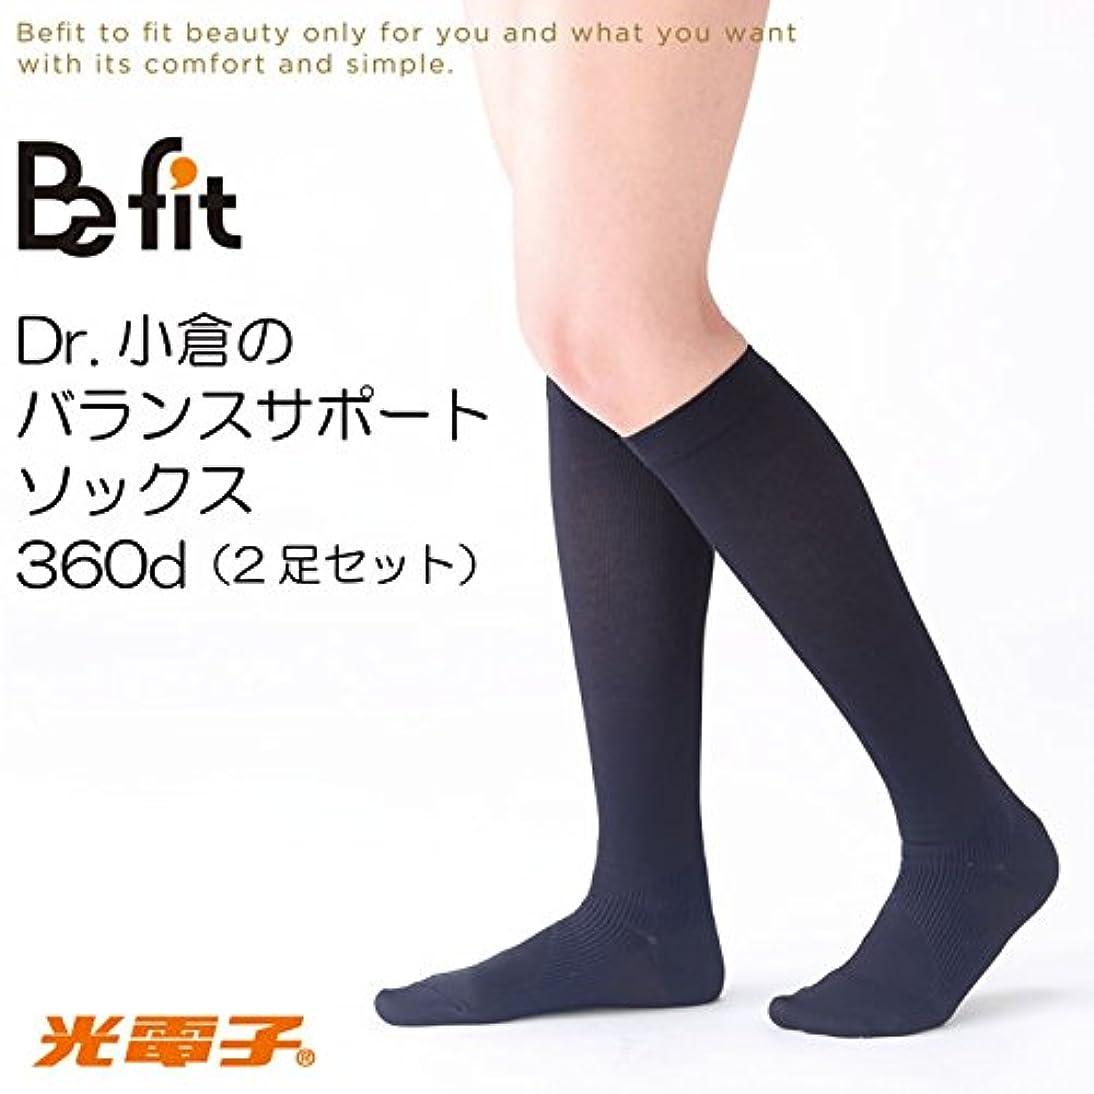 コーデリアルーチン拳Dr.小倉バランスサポートソックス (LL(25-27cm))